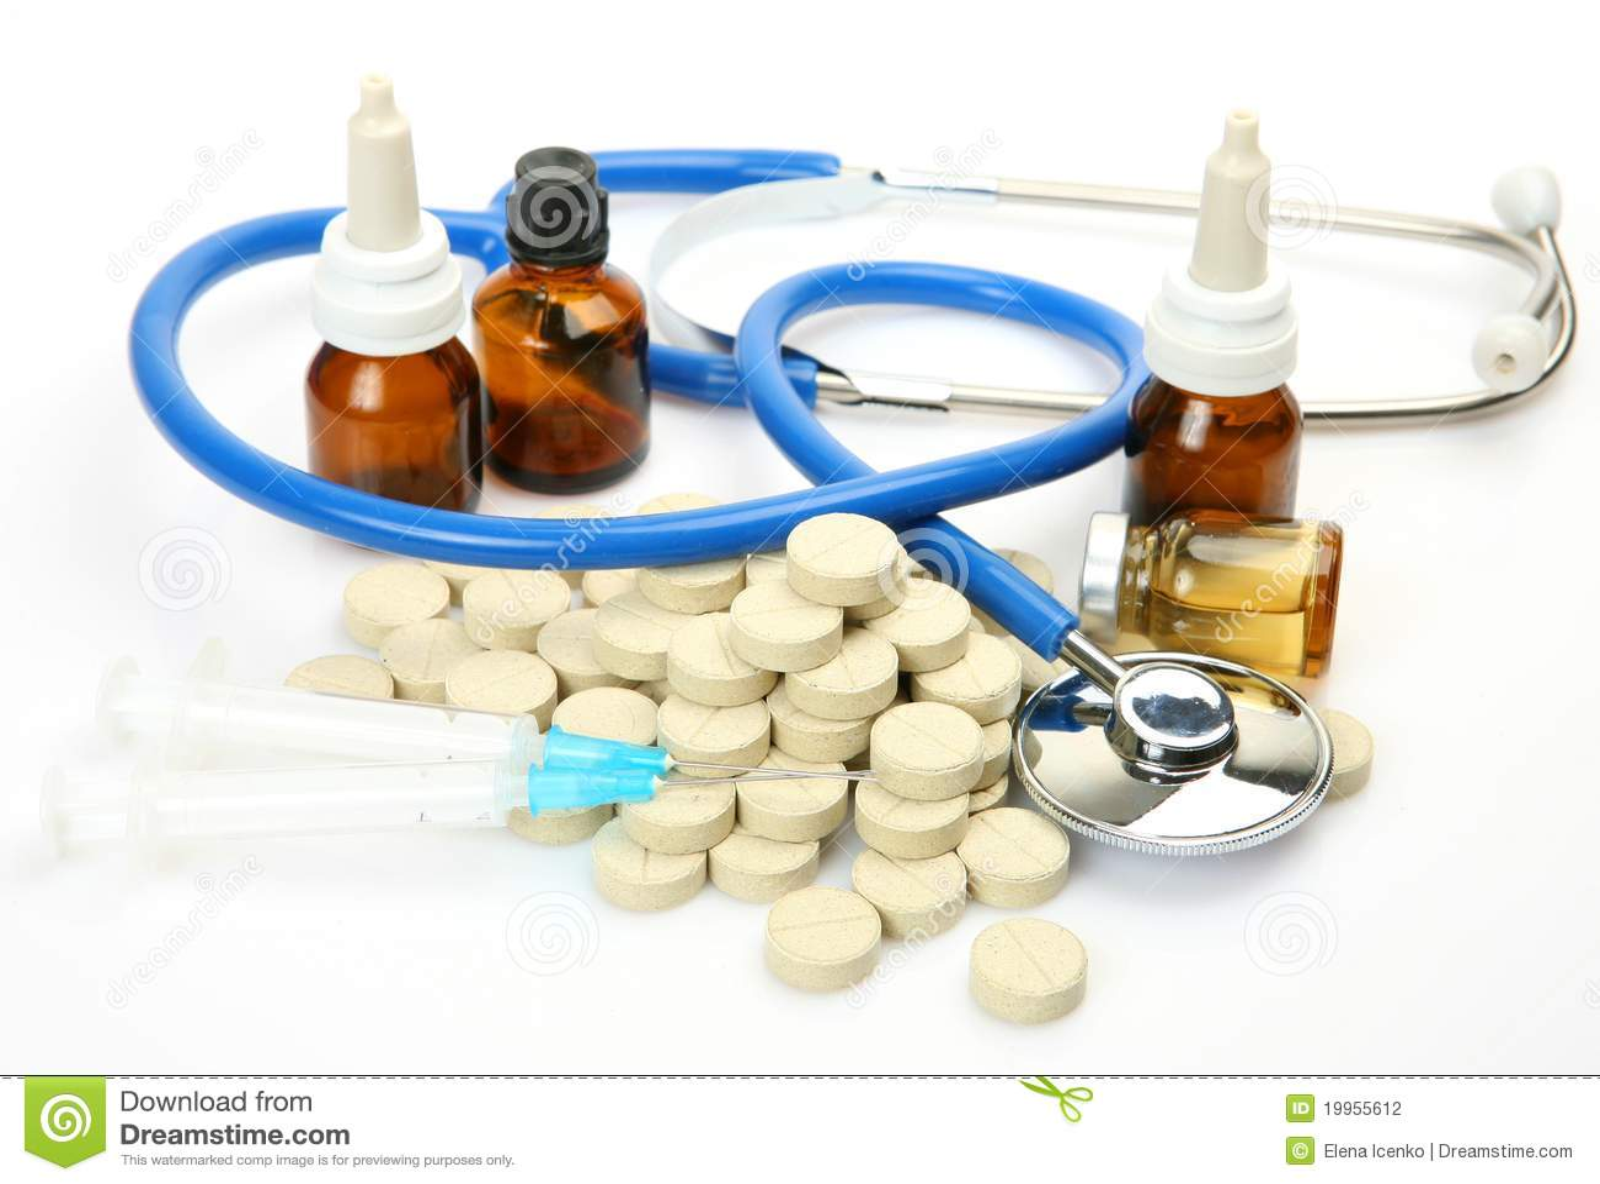 ziekte van pfeiffer besmetting